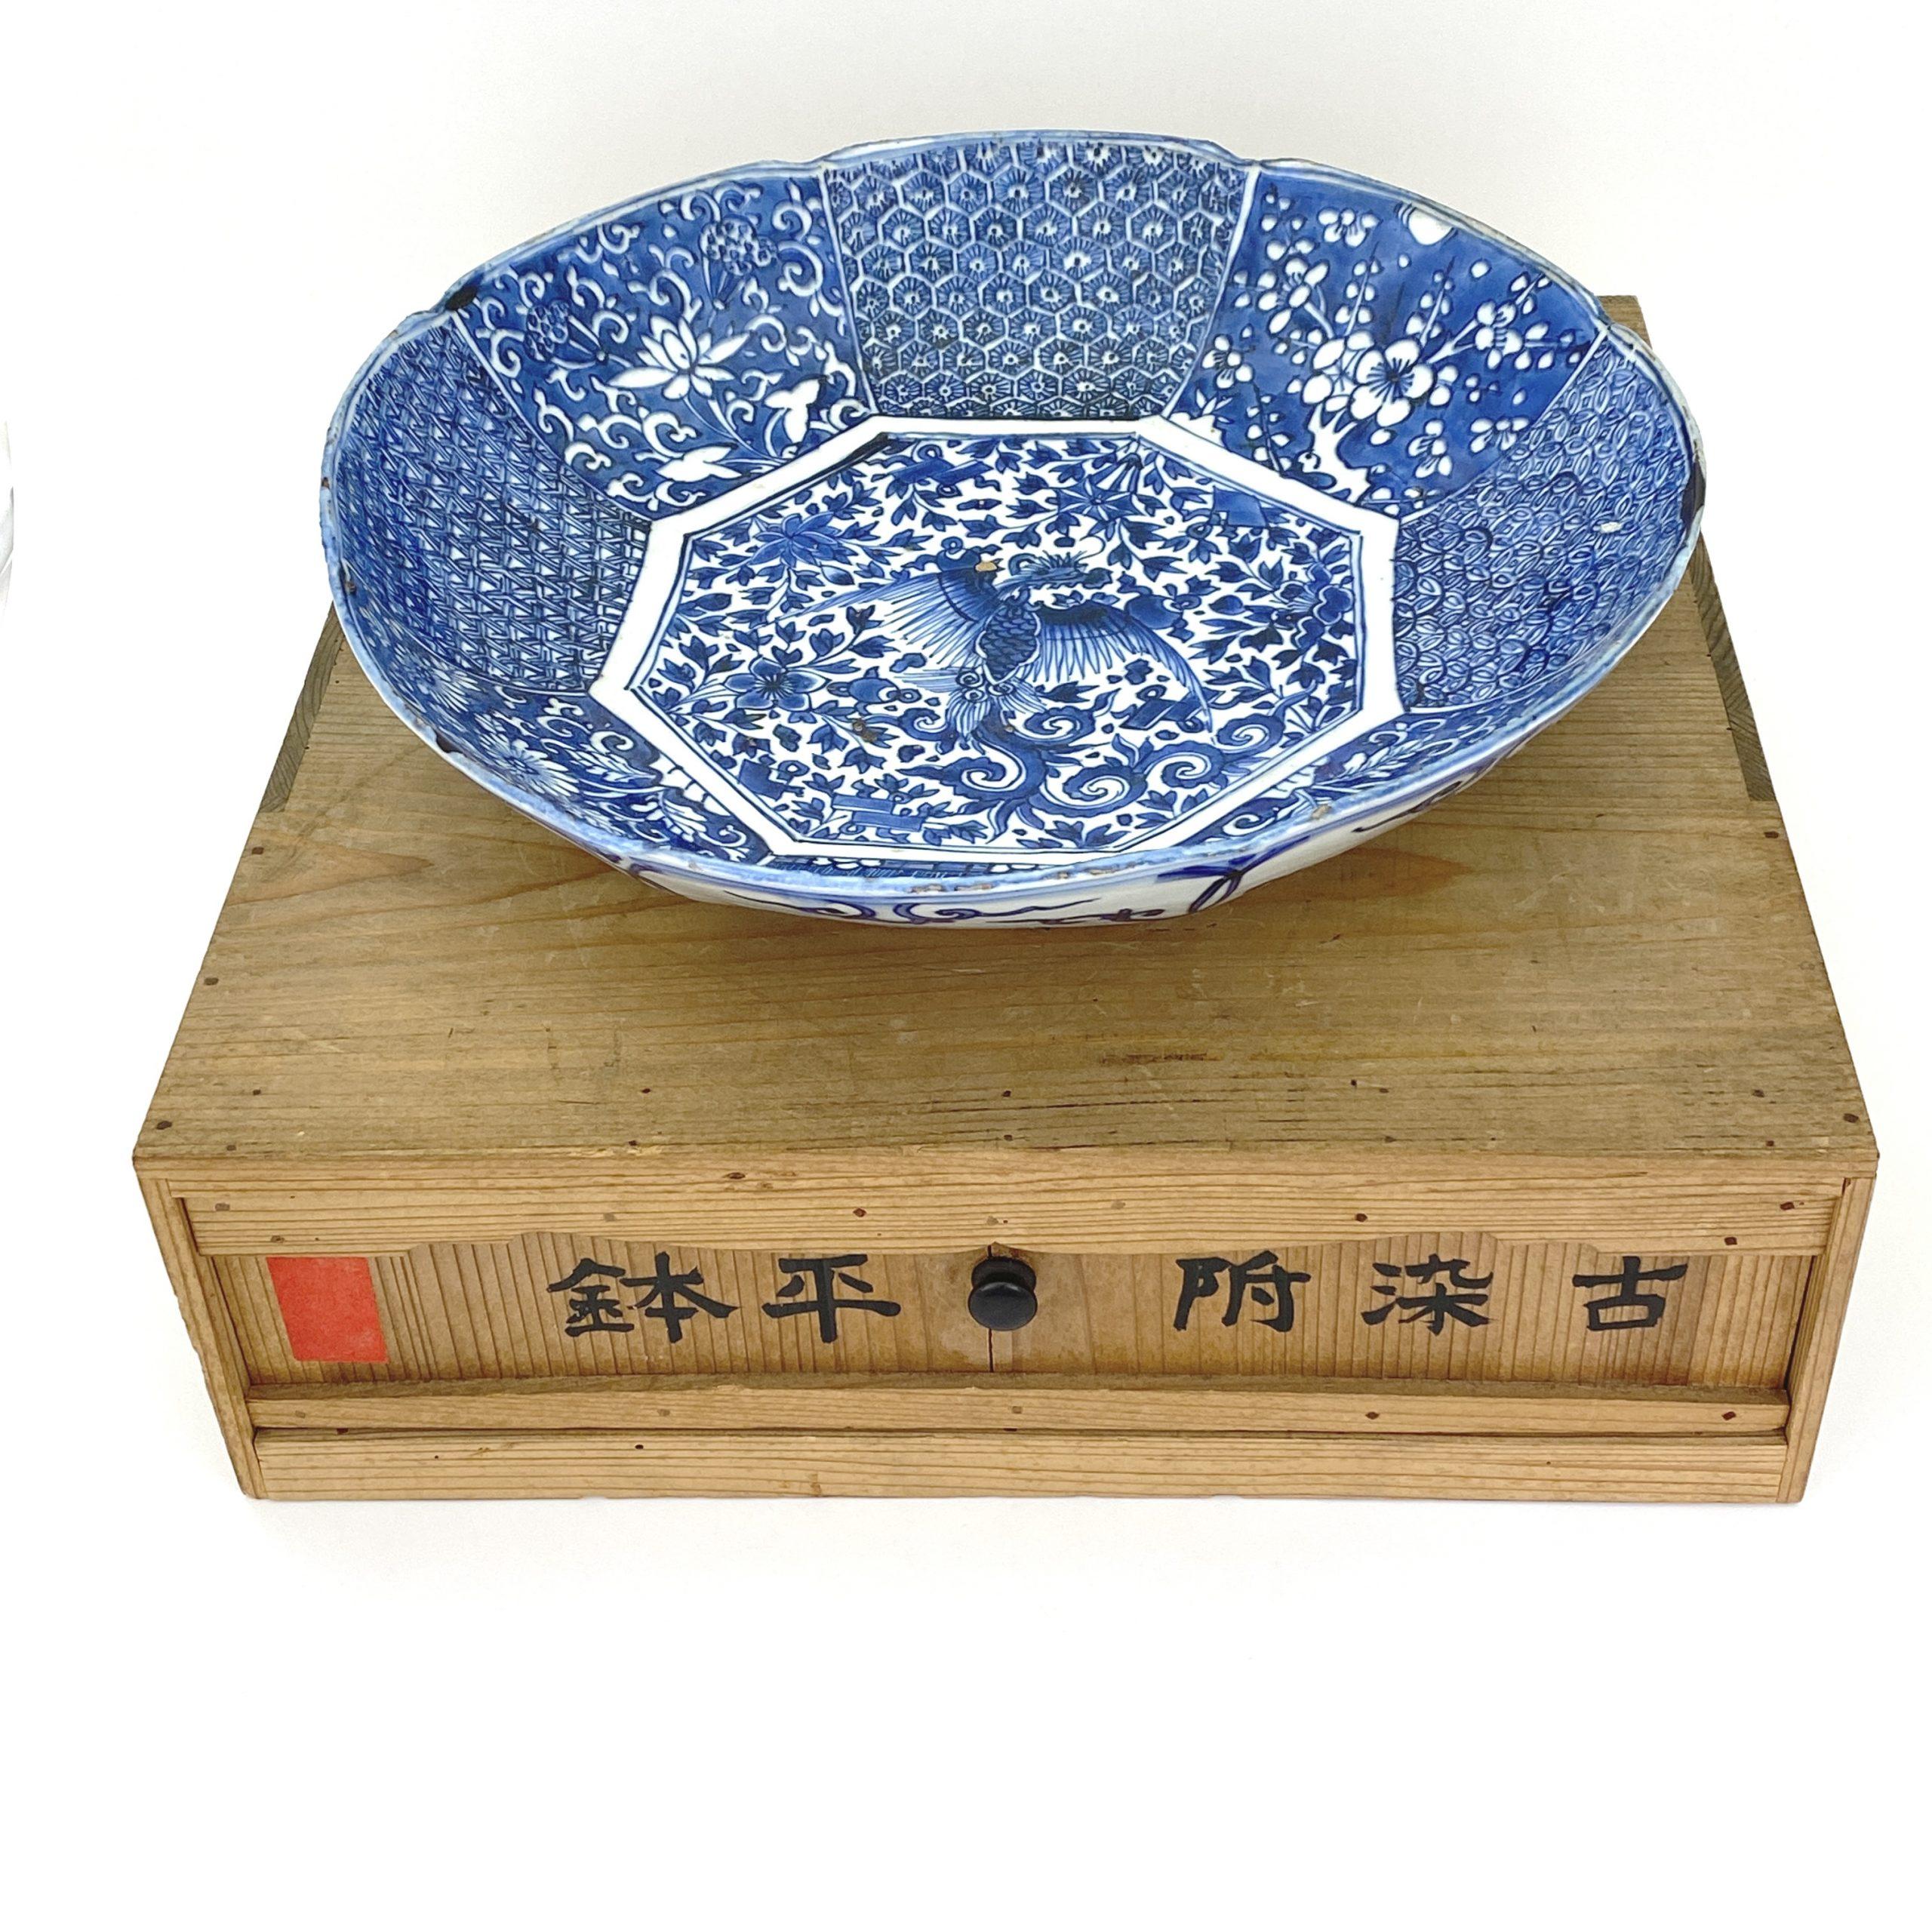 20126明「大明嘉靖年製」款 青花 鳳凰図 大盤